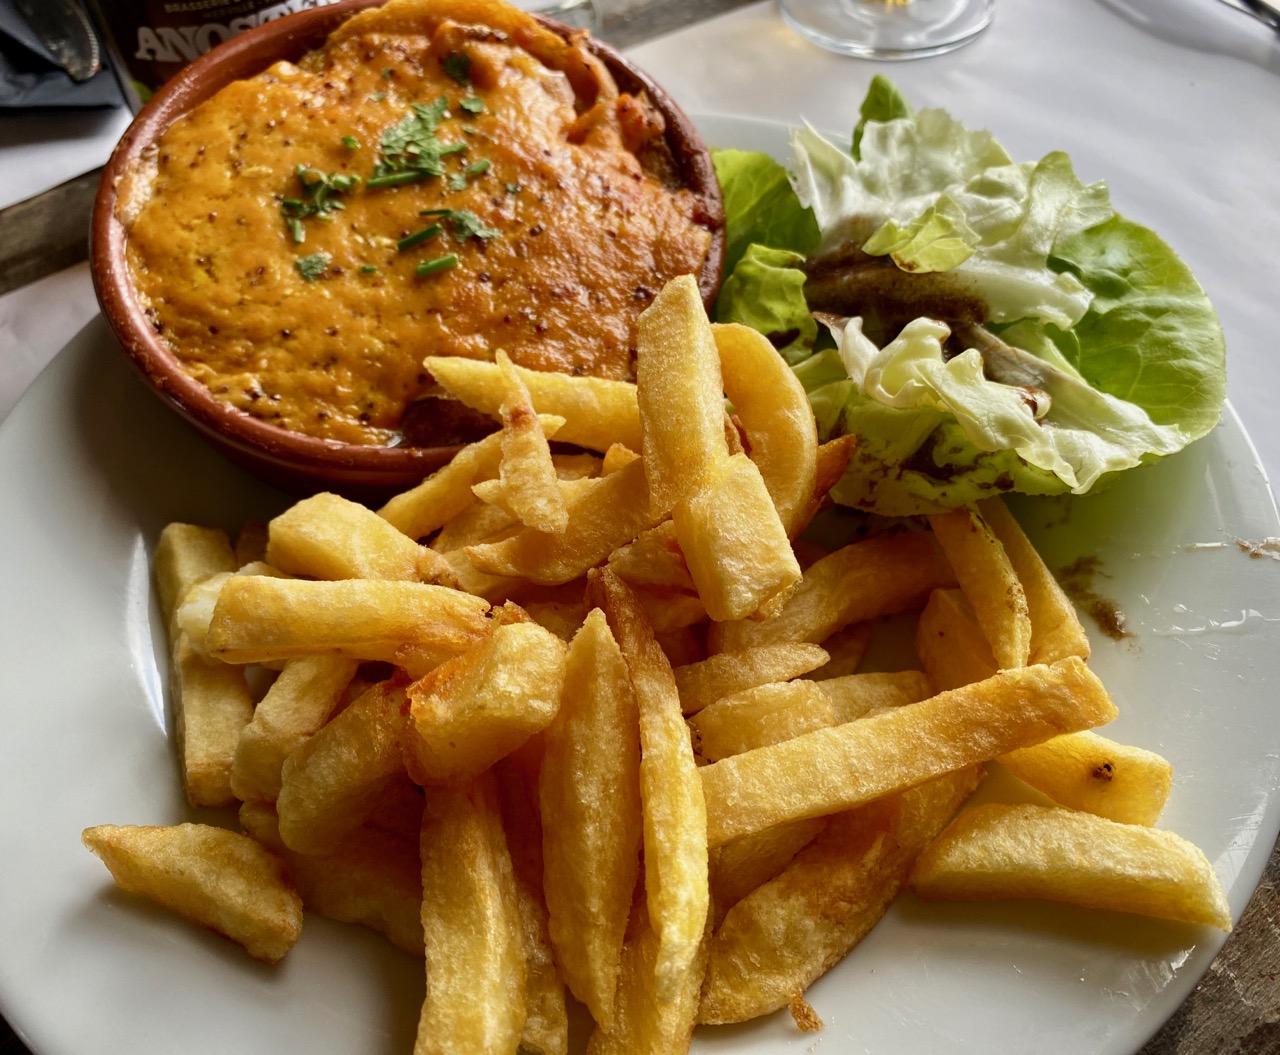 Estaminet-Het-Kasteelhof-Cassel-welsch-saumon